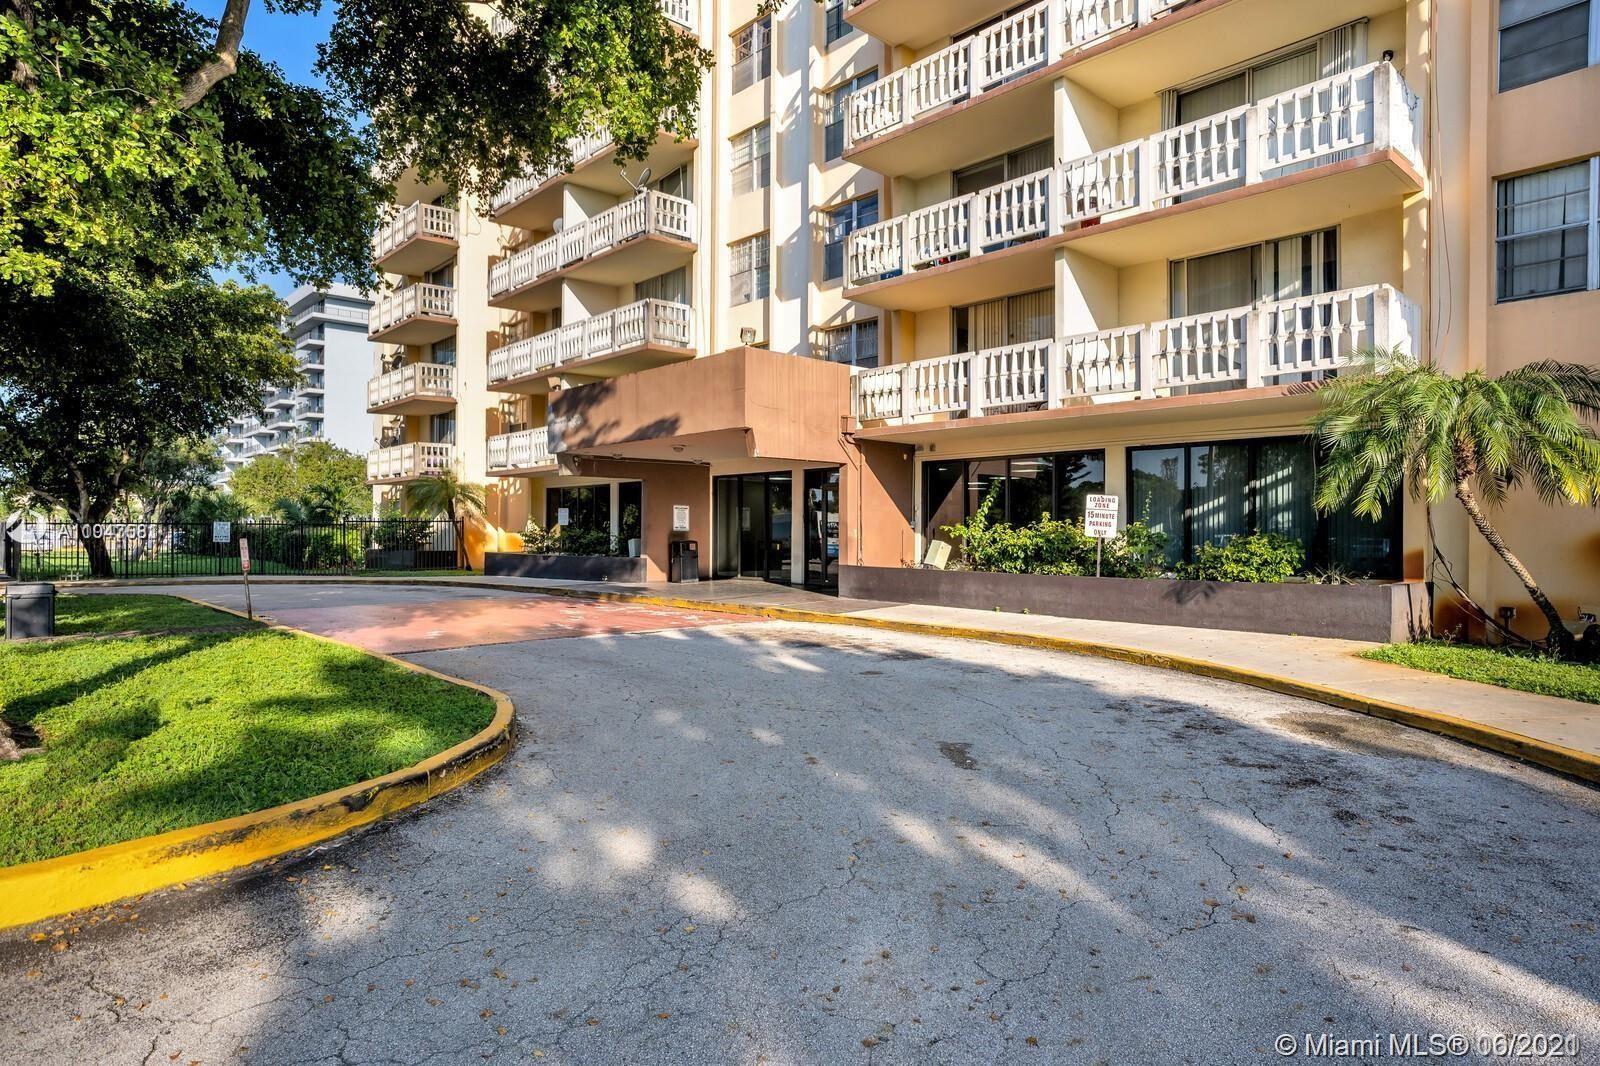 15600 NW 7th Ave #512, Miami, FL 33169 - #: A11047581